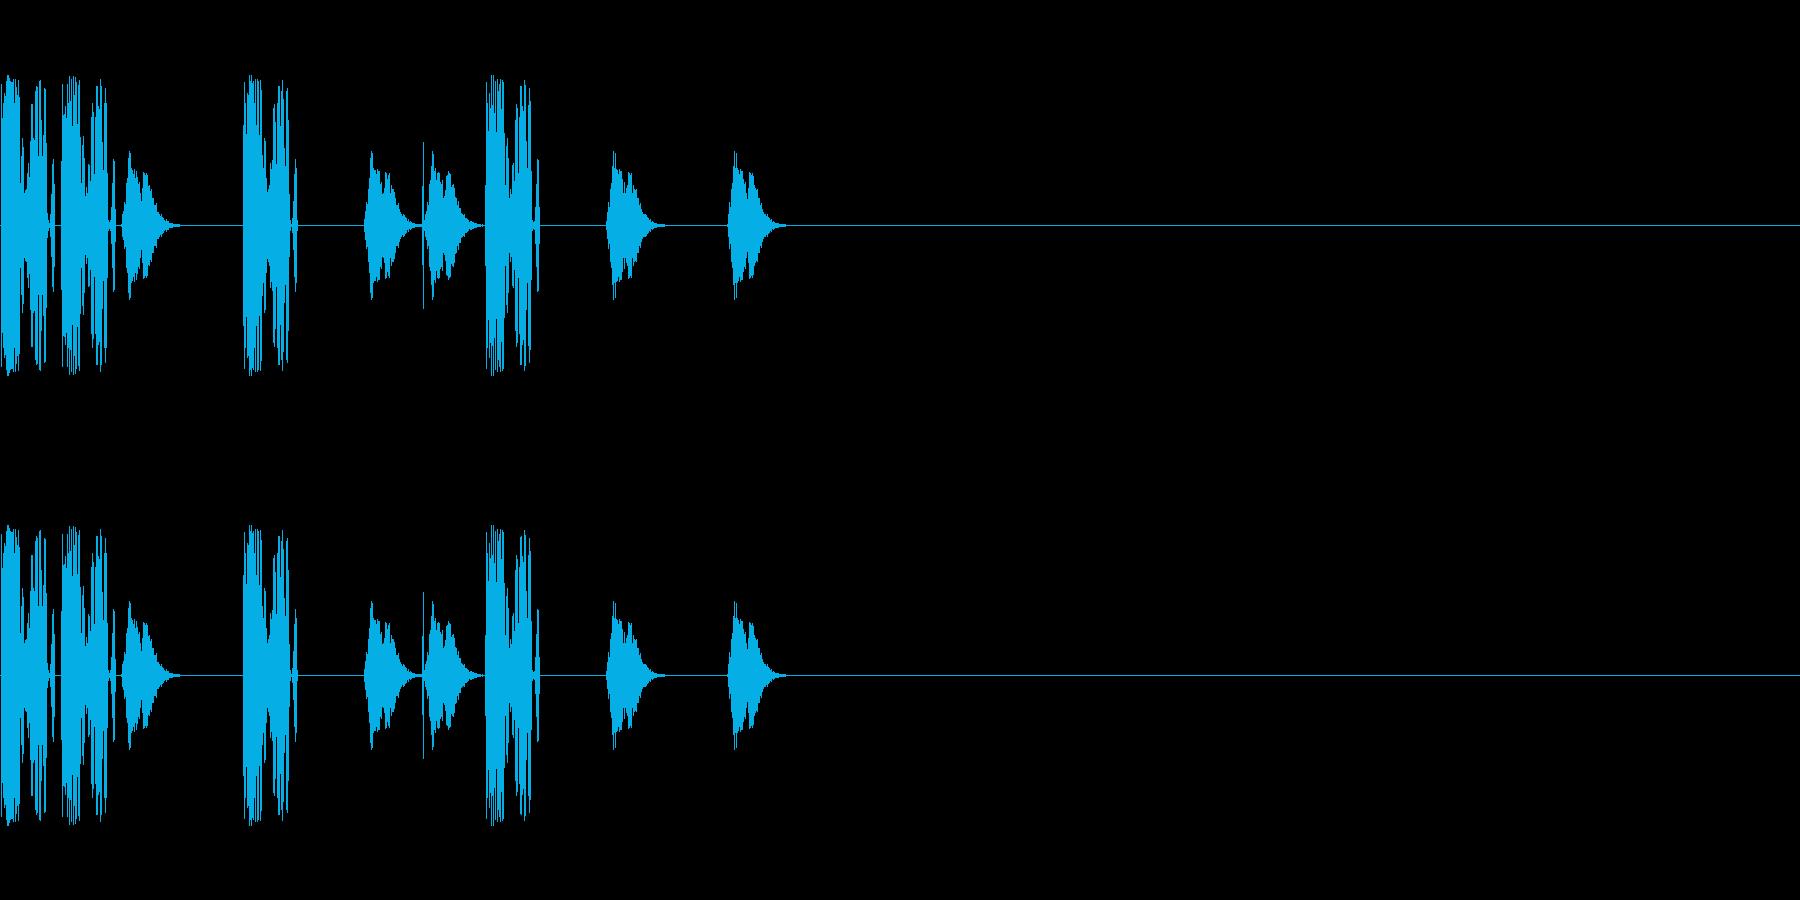 DJスクラッチ/ターンテーブル/E-20の再生済みの波形